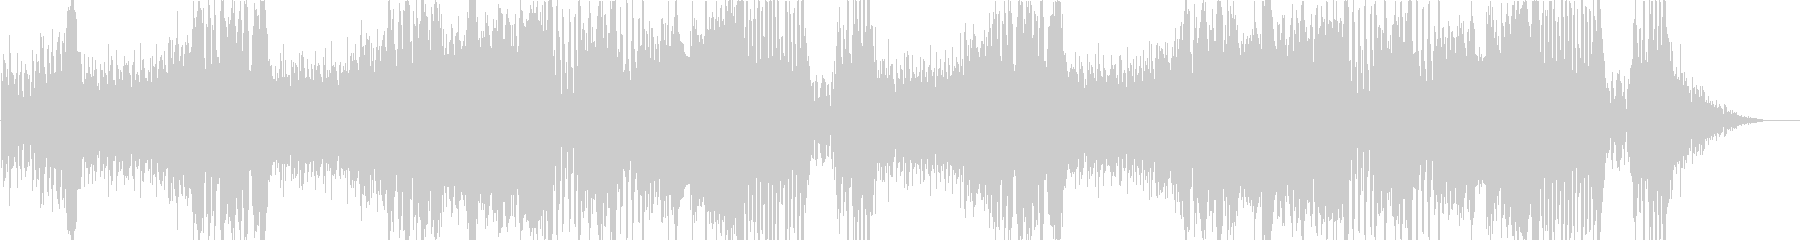 オーケストラ戦闘曲 ドラム入りの未再生の波形